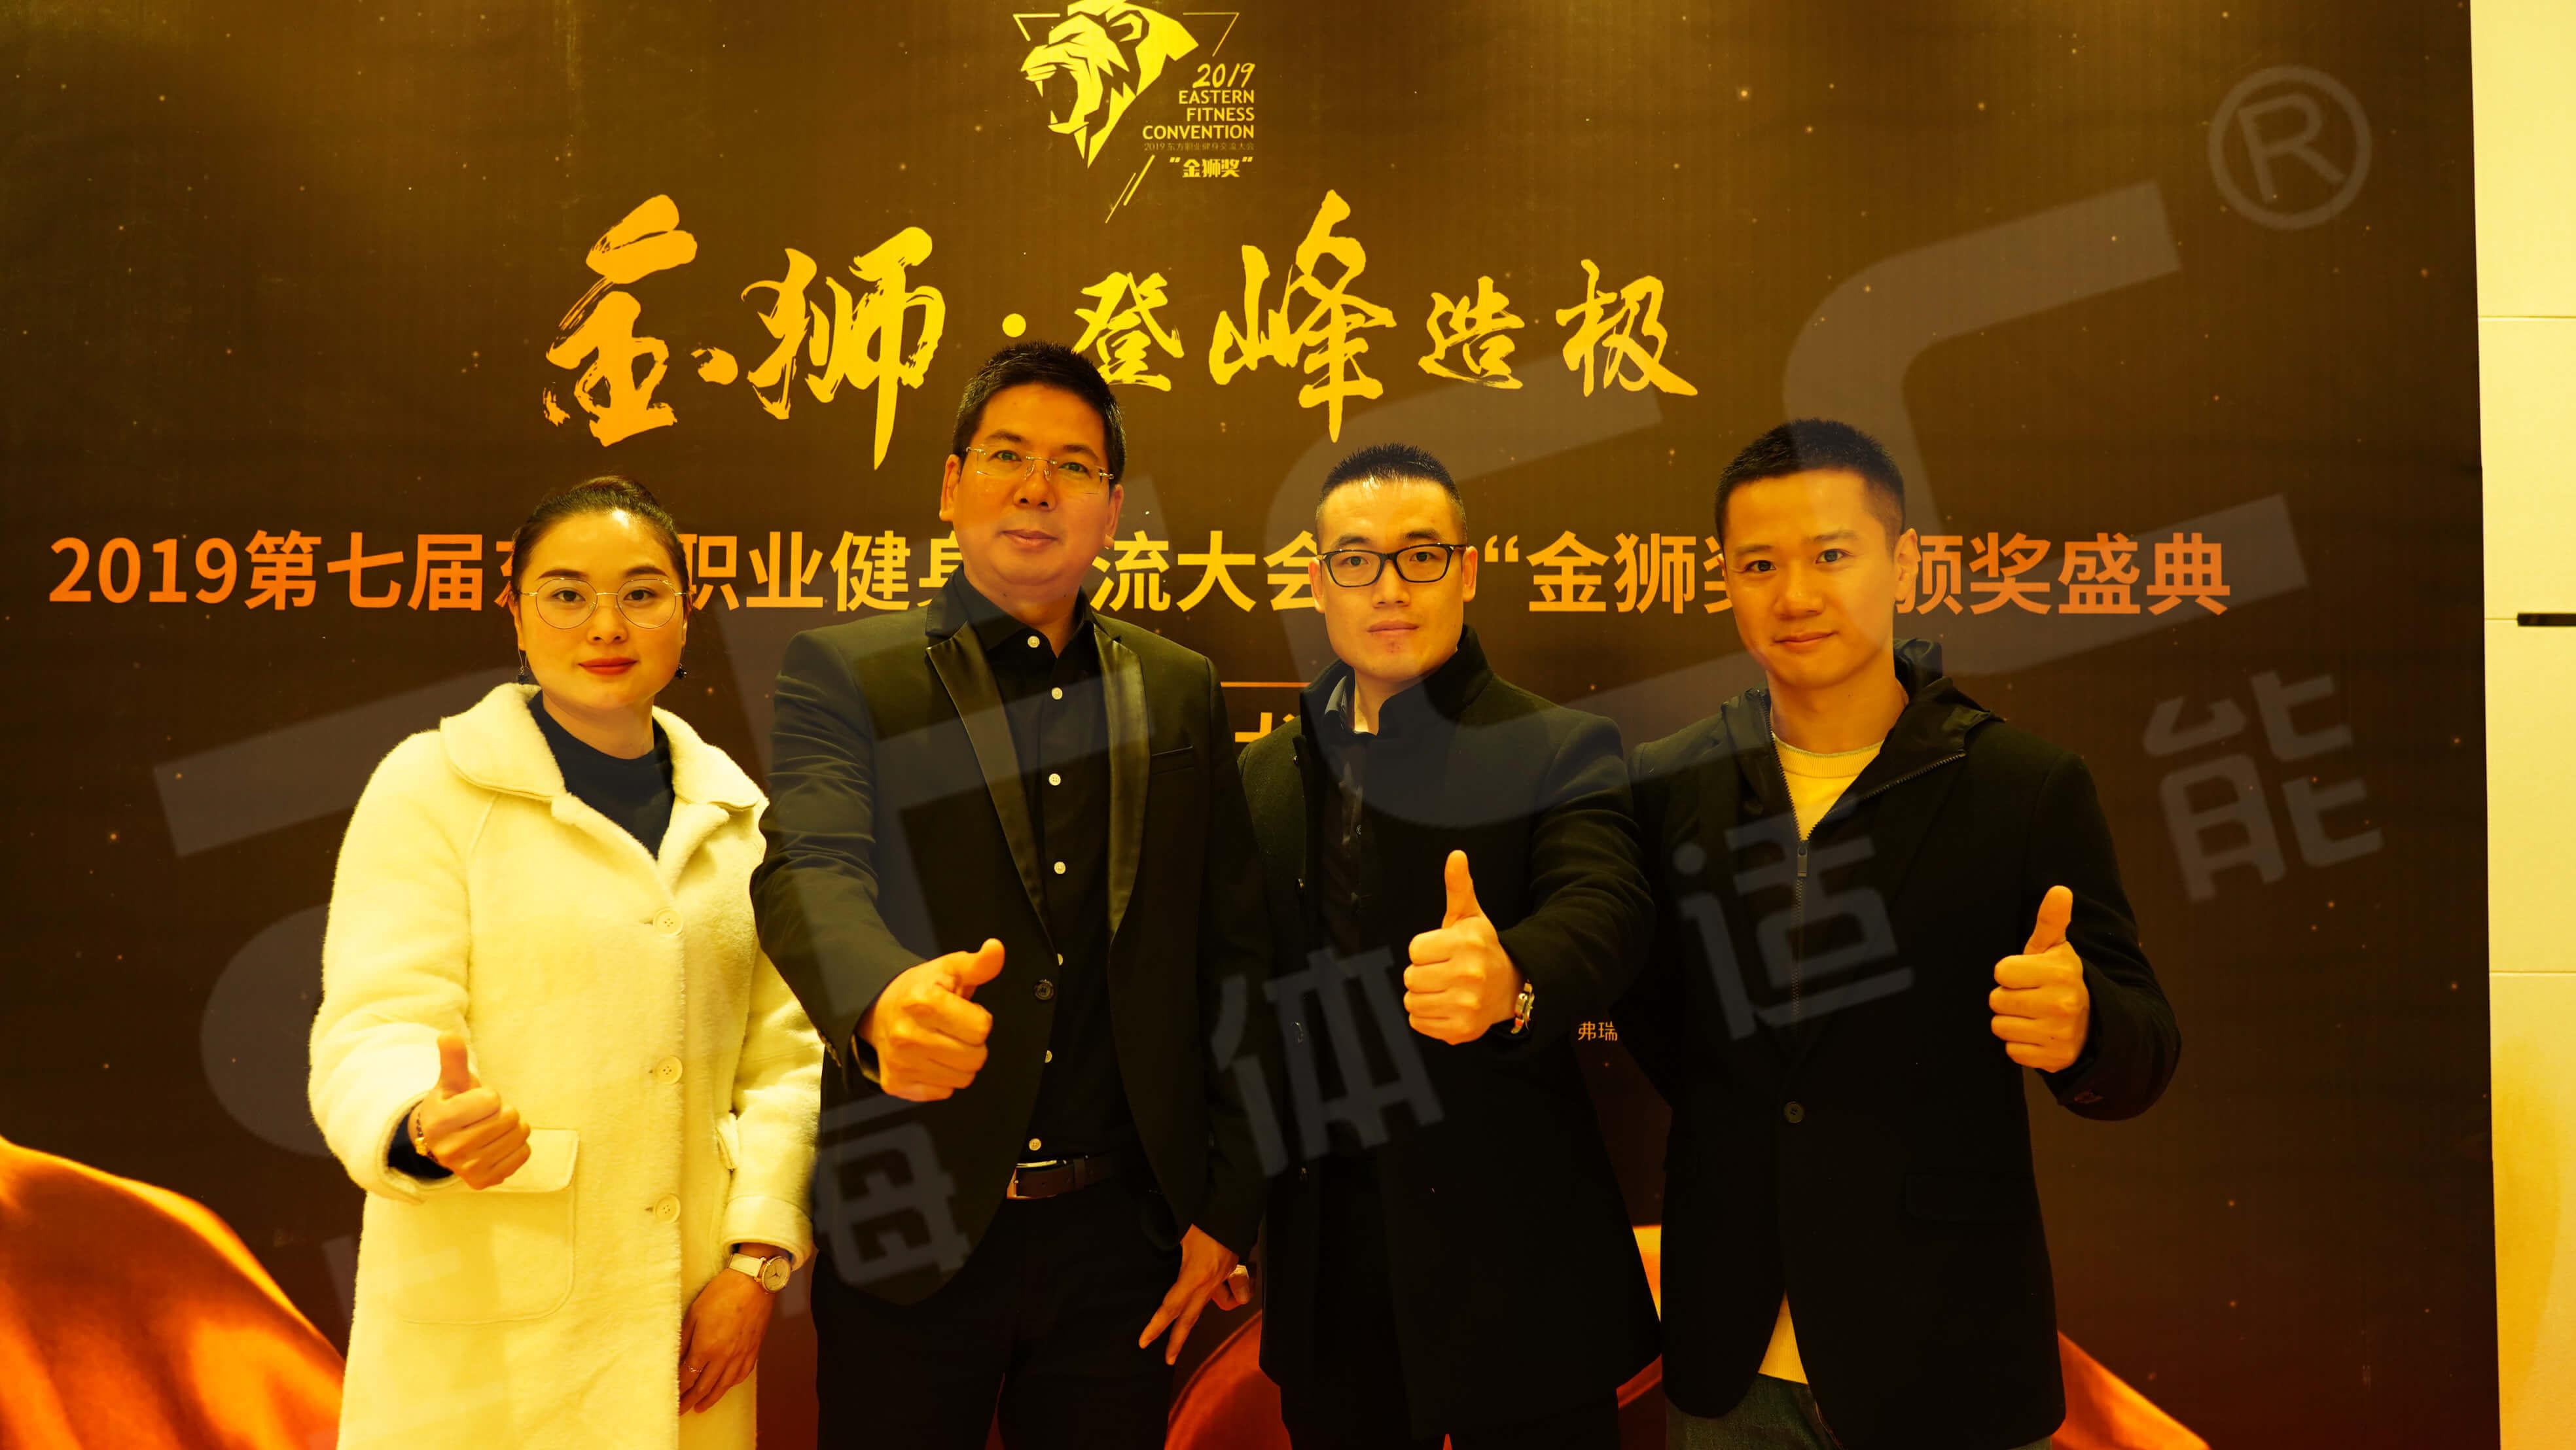 第七届东方职业健身交流大会暨金狮奖颁奖盛典